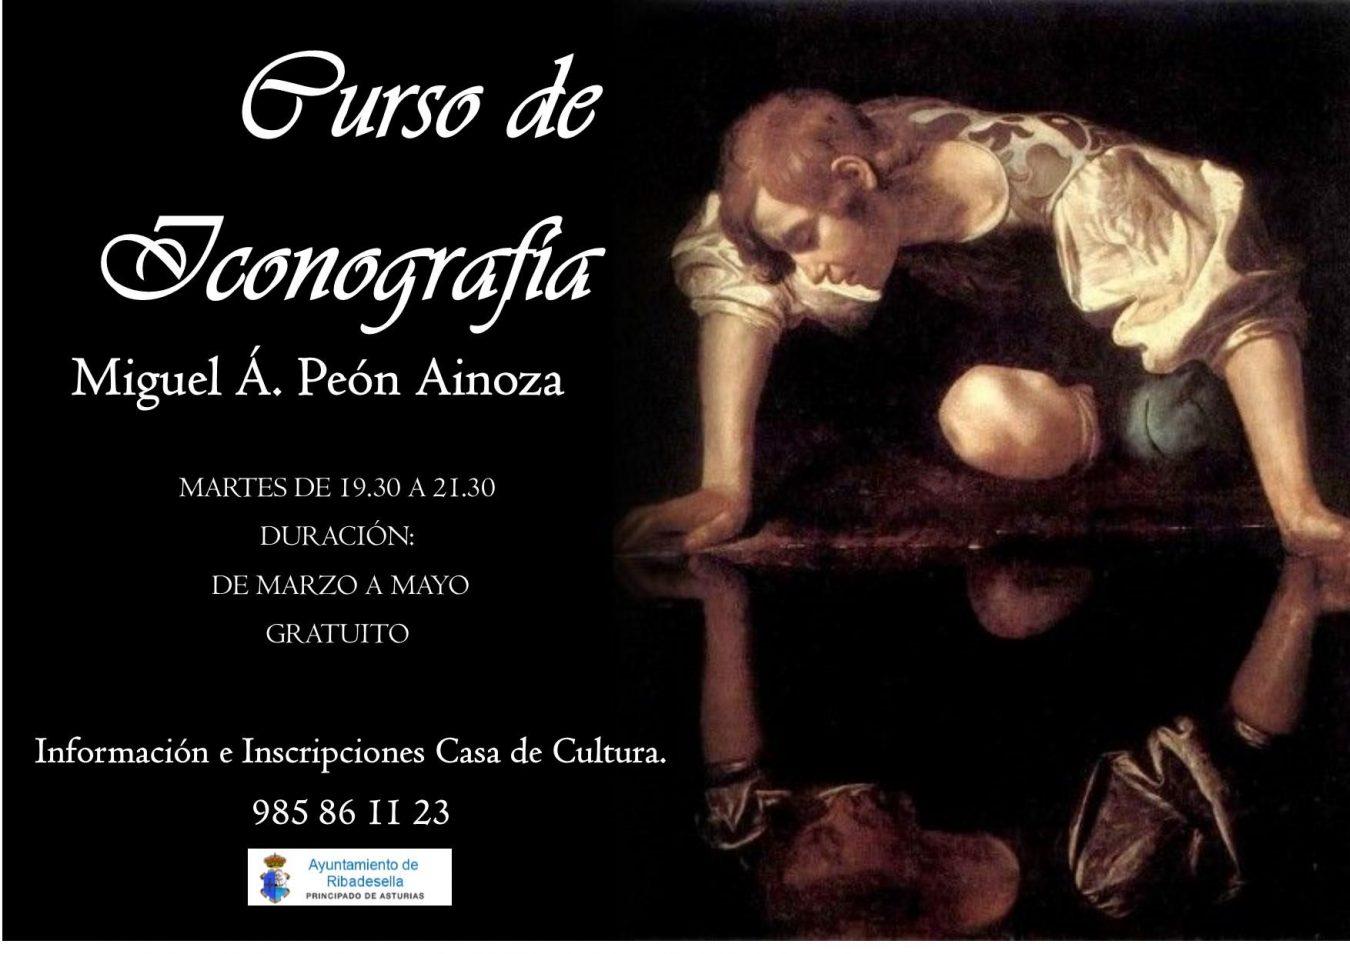 Curso gratuito en Ribadesella sobre iconografía a cargo de Miguel Angel Peón